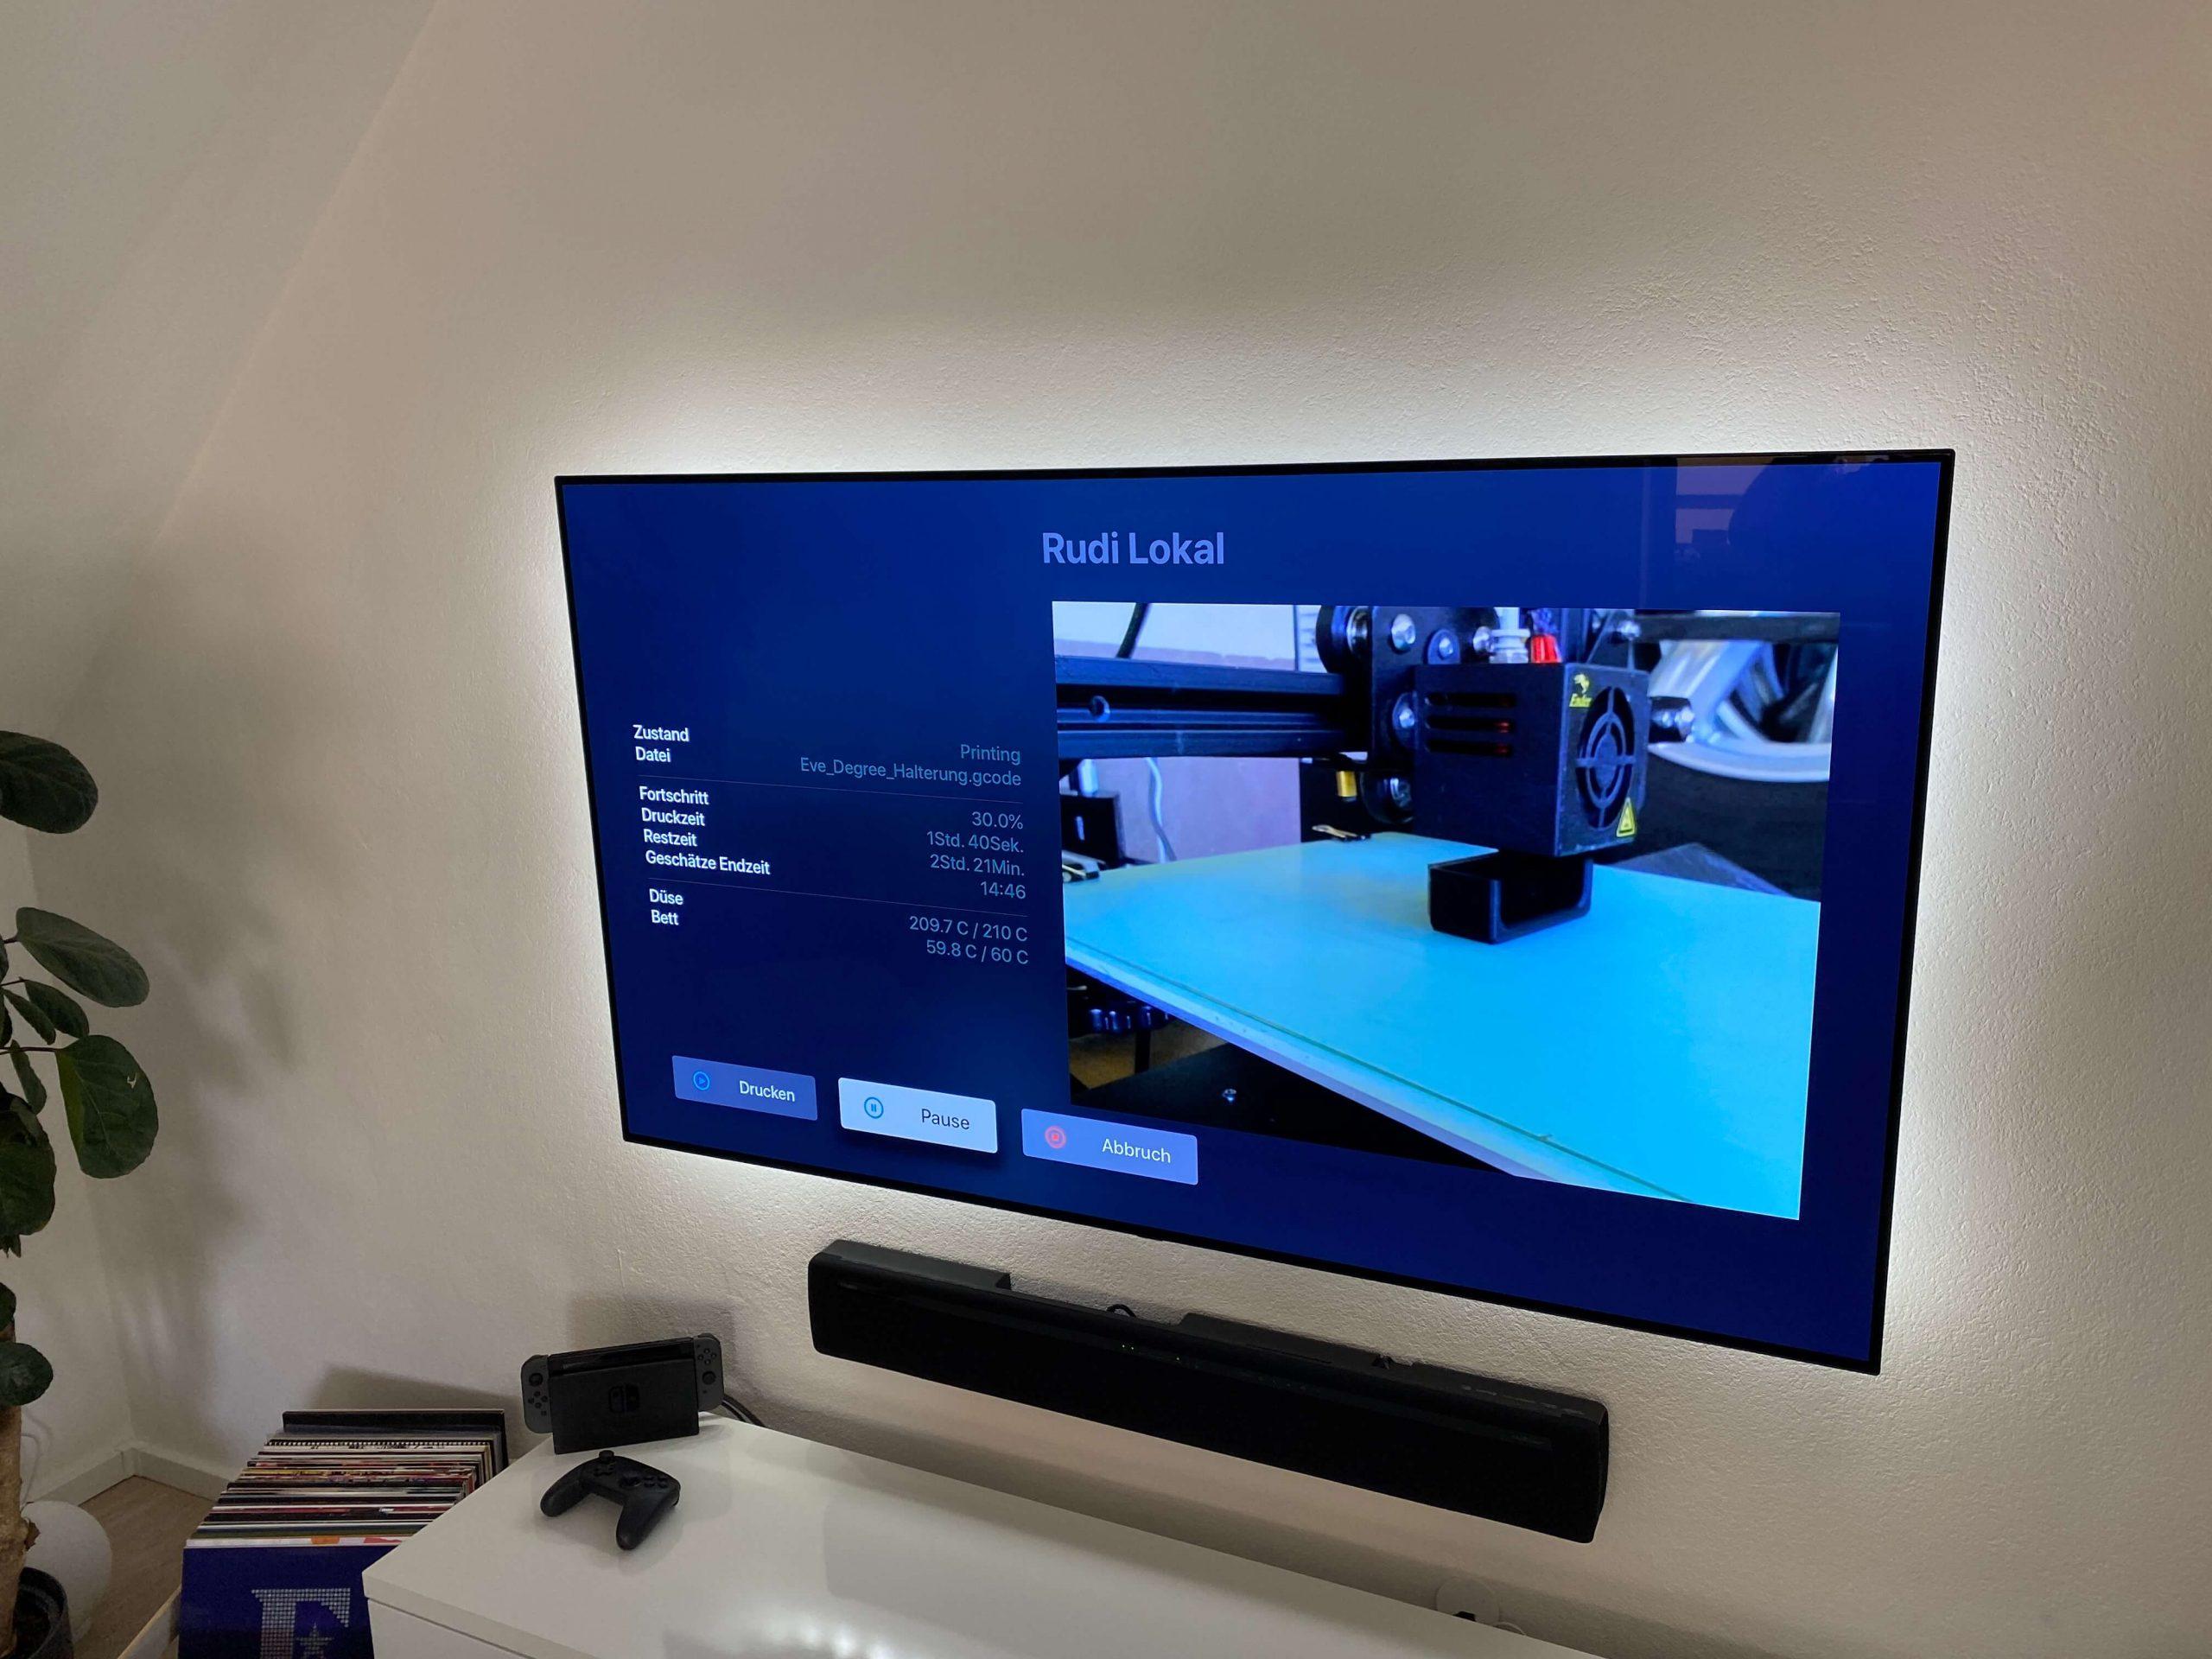 App-Tipp-OctoPod-3D-Druckeraufgaben-auf-iPhone-iPad-und-Apple-TV-einsehen4-scaled OctoPod - den 3D-Drucker mit iPhone, iPad und Apple TV bedienen